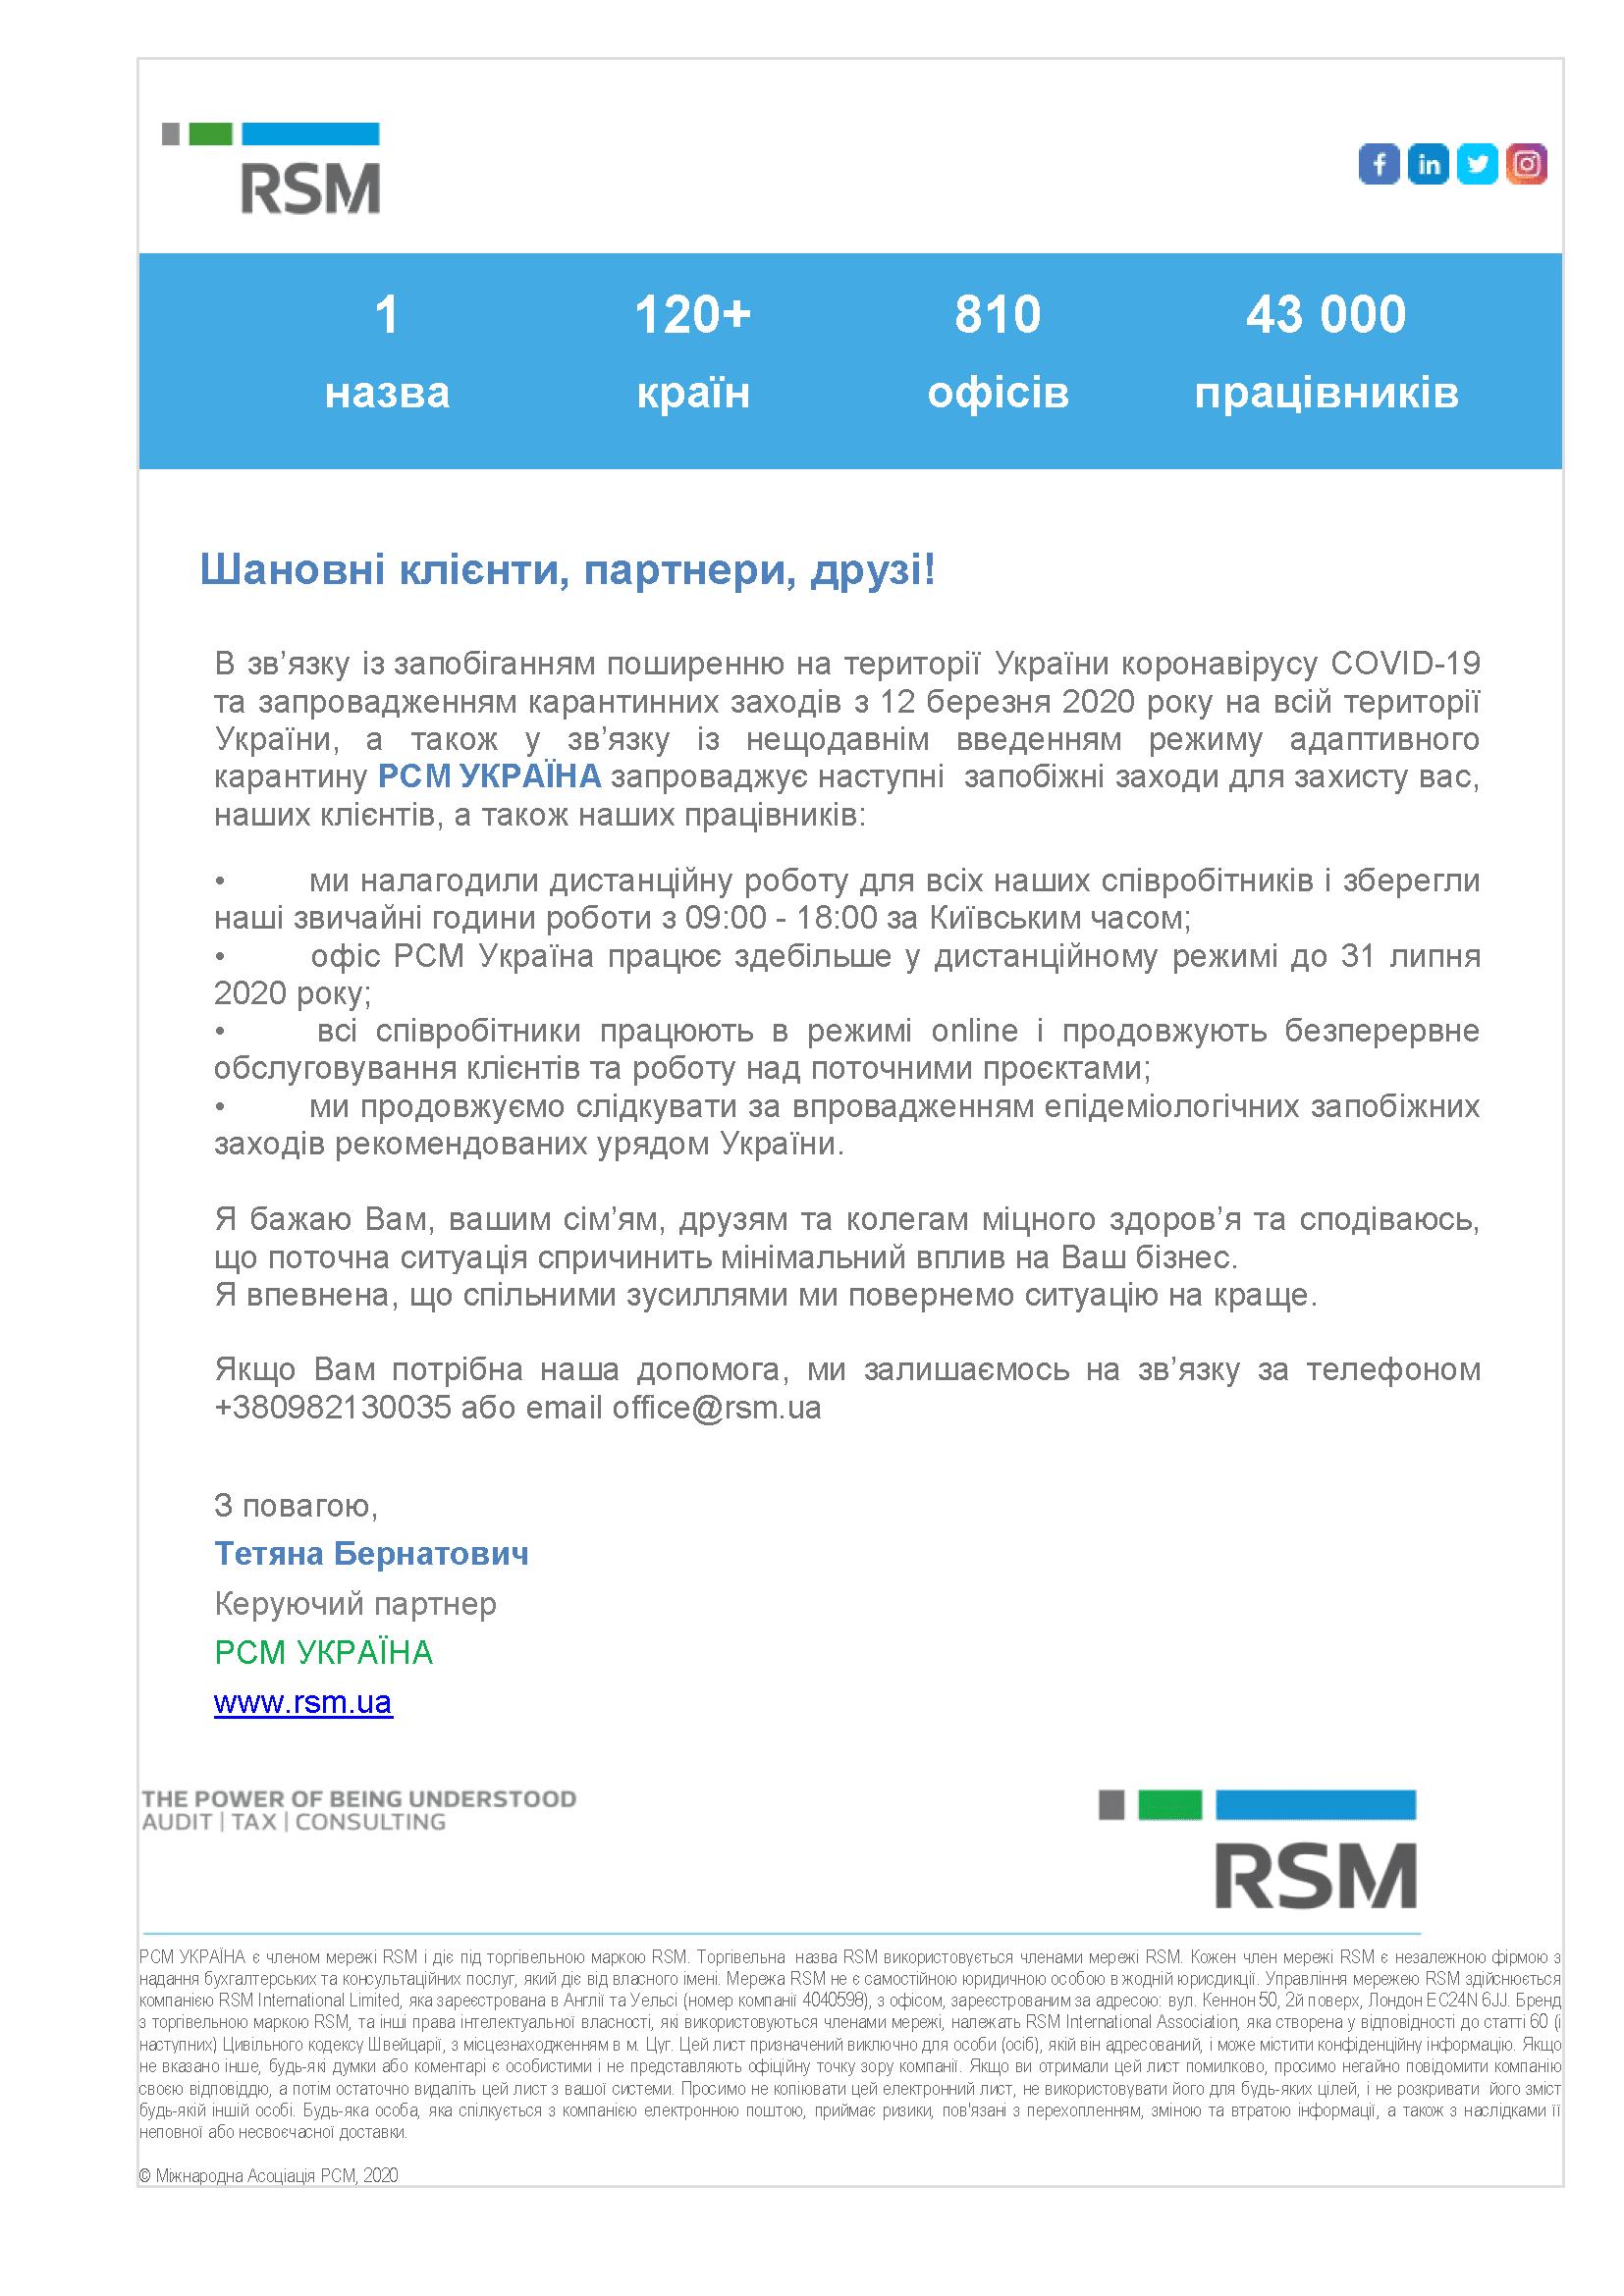 rsm_ukraine_announcements_ukr_31.07.png